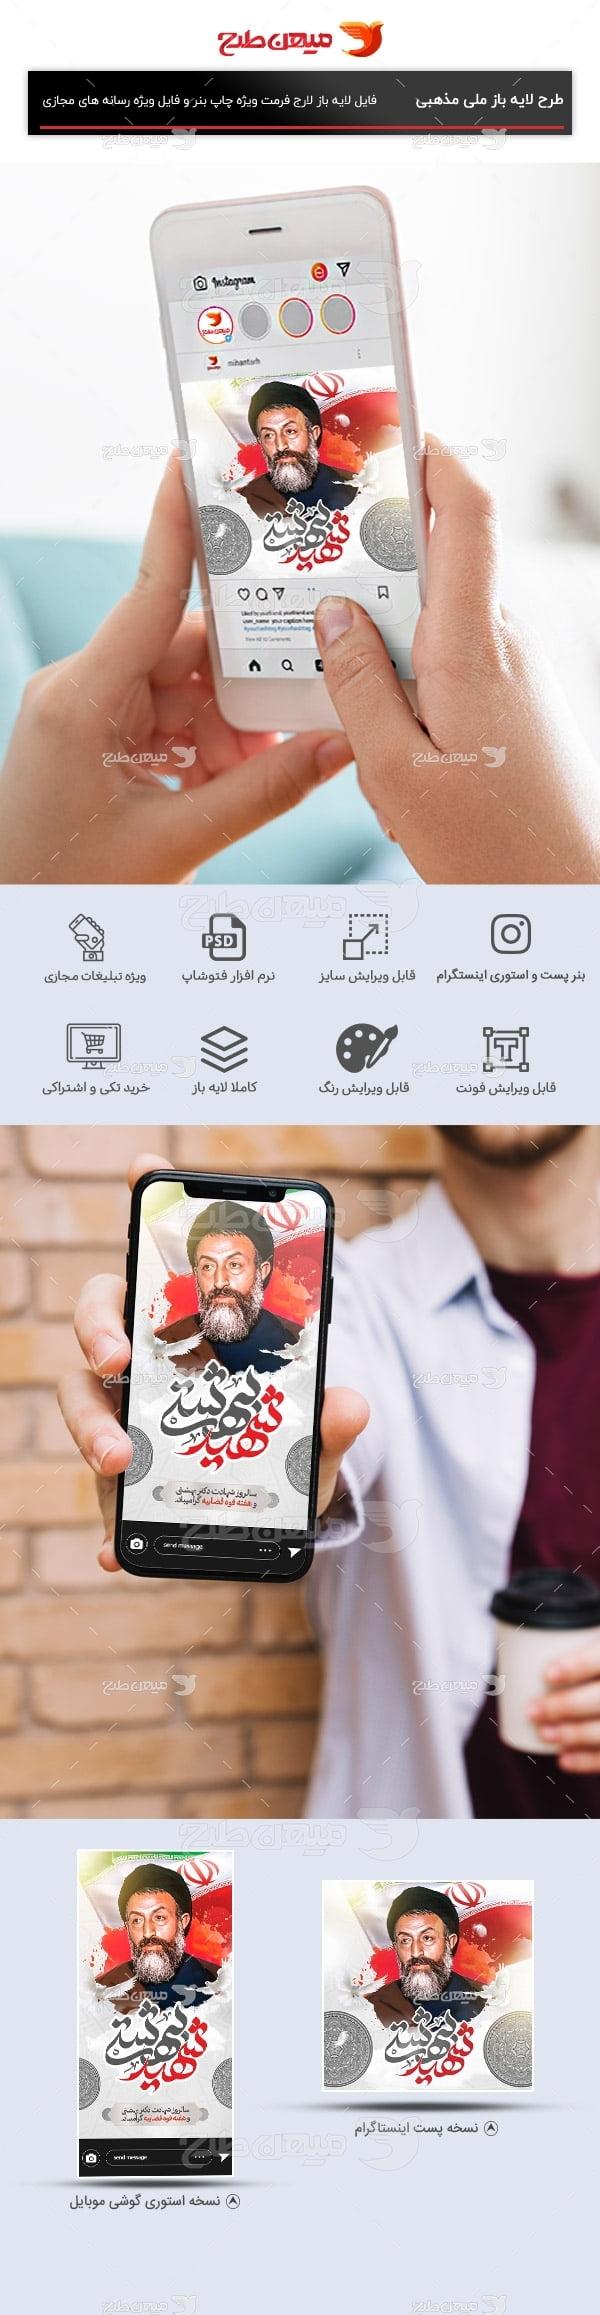 طرح لایه باز پست و استوری اینستاگرام شهید بهشتی